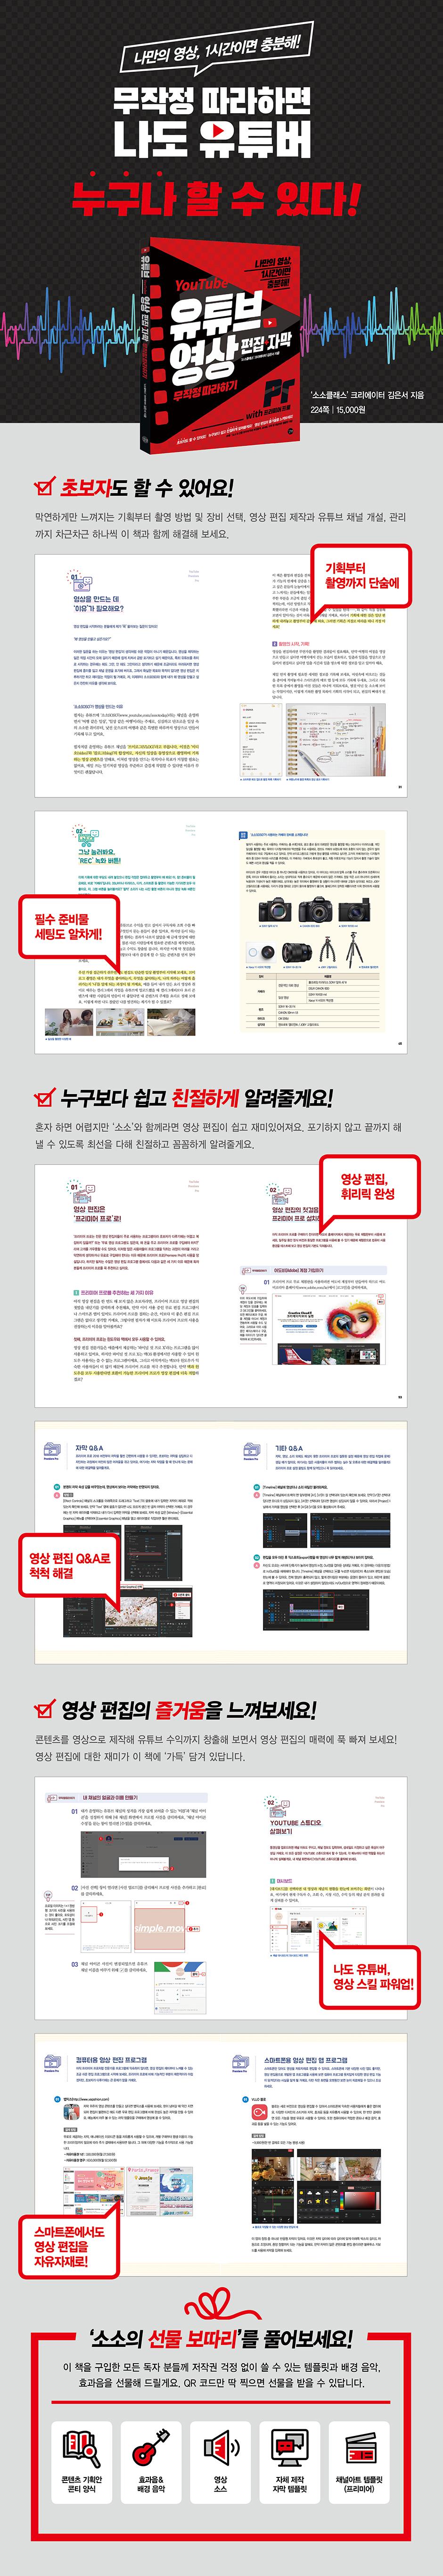 유튜브 영상 편집+자막 무작정 따라하기 도서 소개